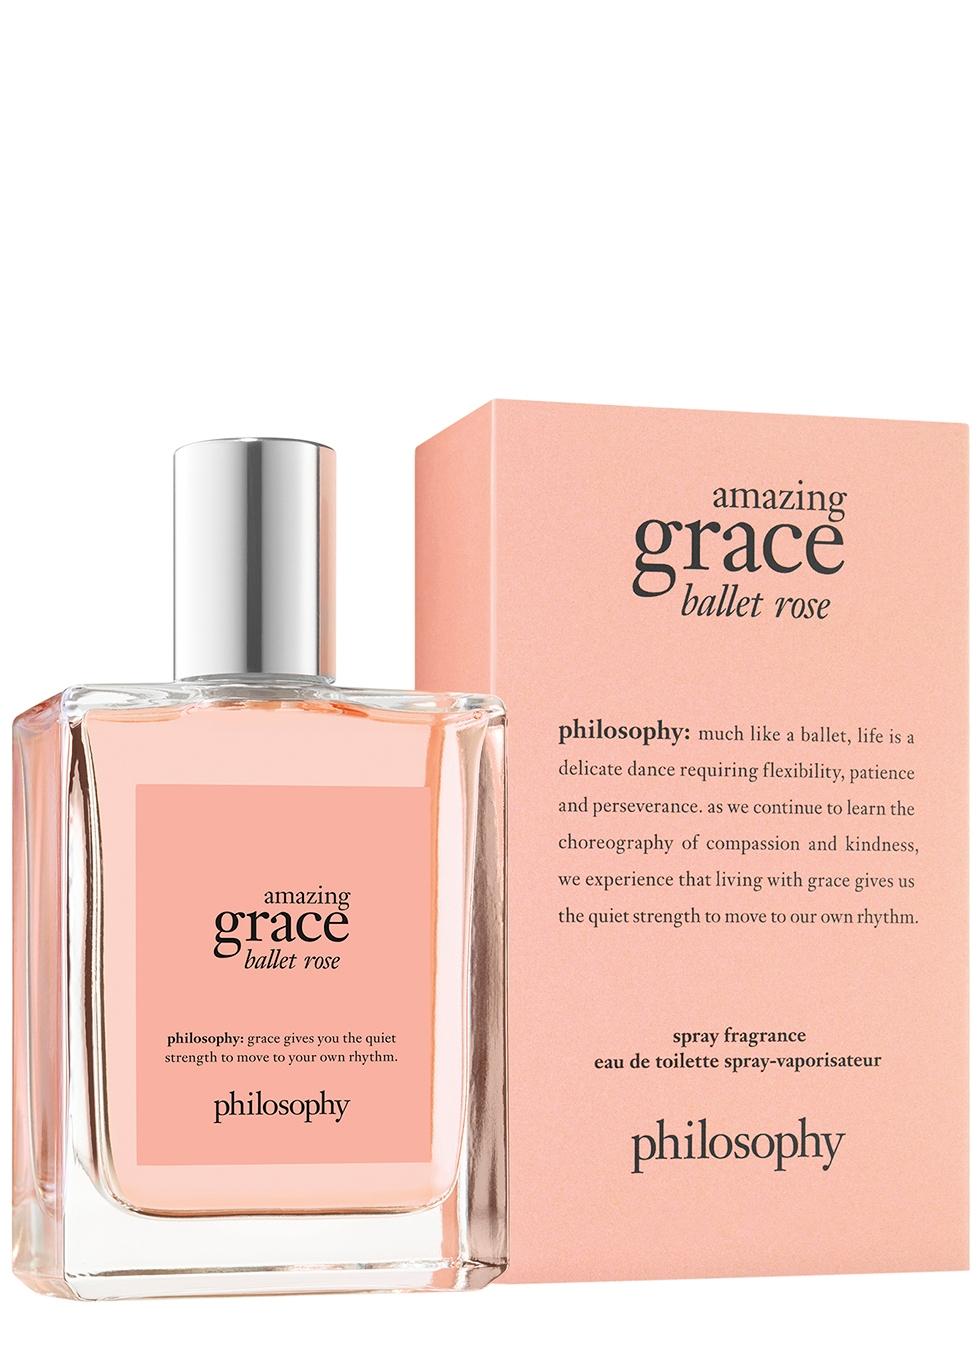 Amazing Grace Ballet Rose Eau De Toilette 60ml - PHILOSOPHY